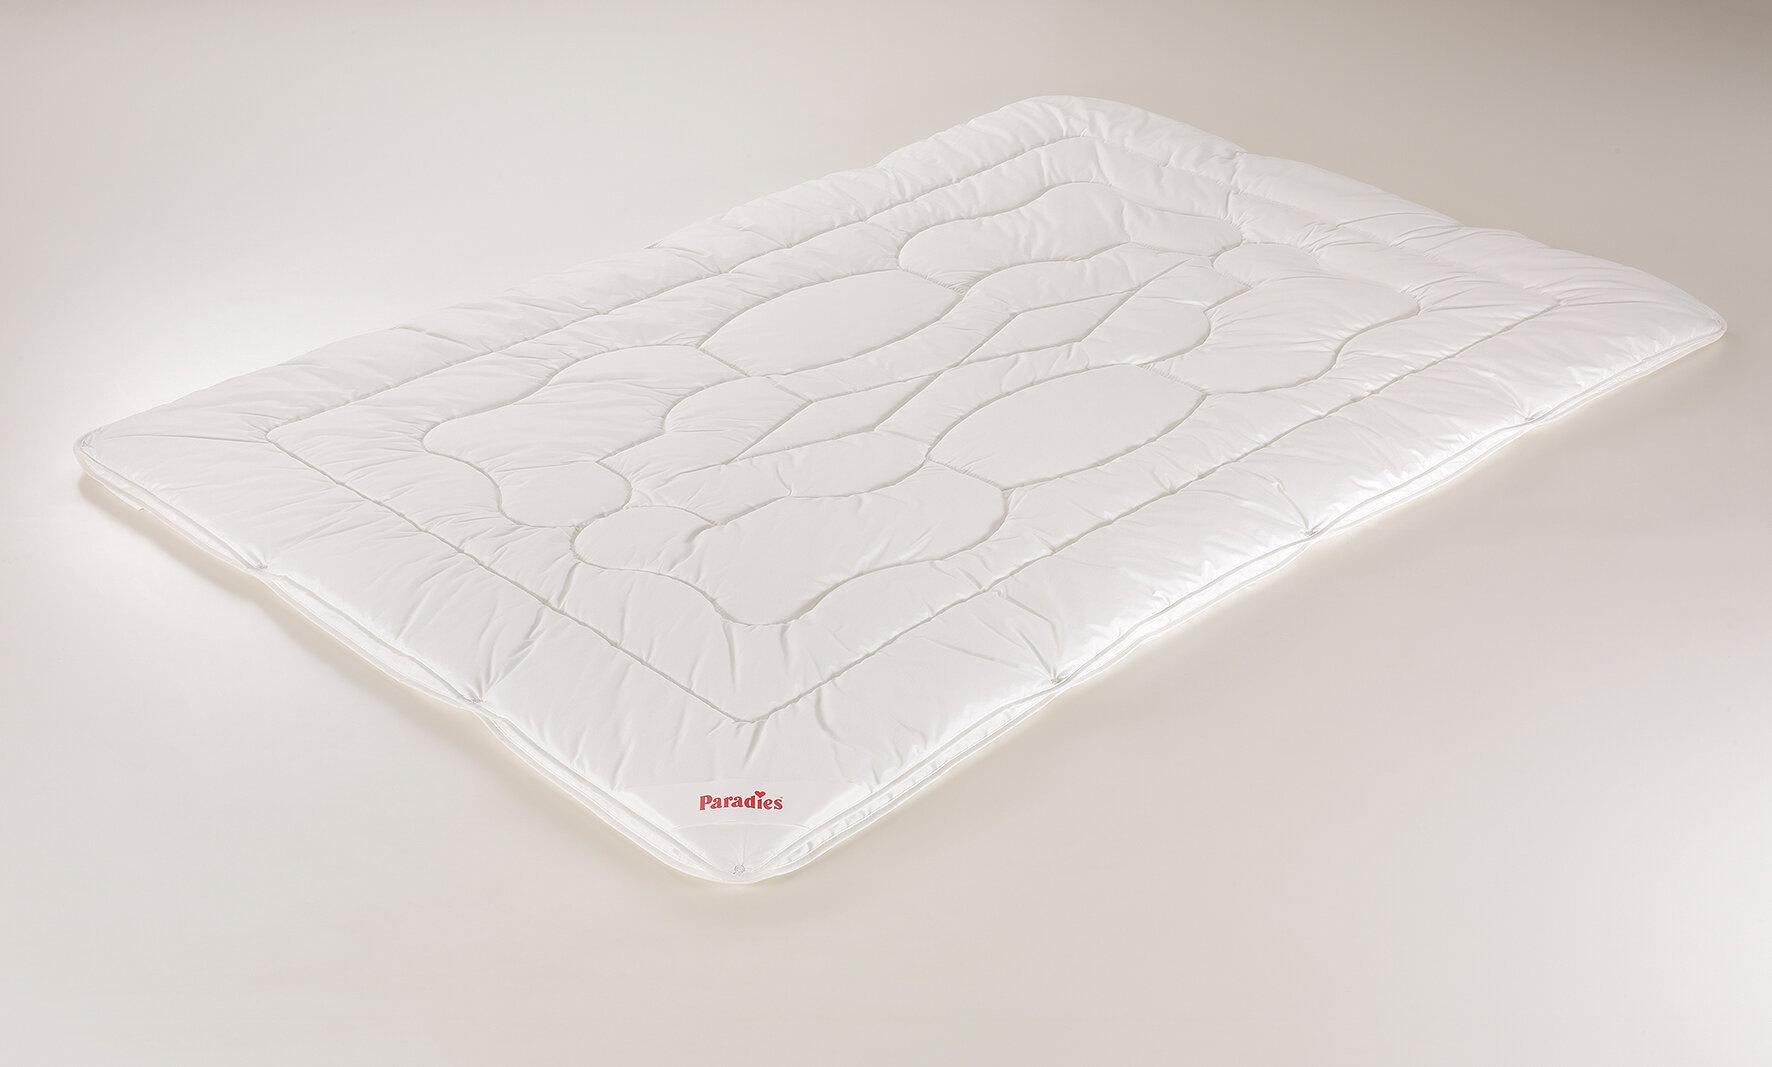 b hmerwald bettdecken bewertung lattenroste von lattoflex. Black Bedroom Furniture Sets. Home Design Ideas